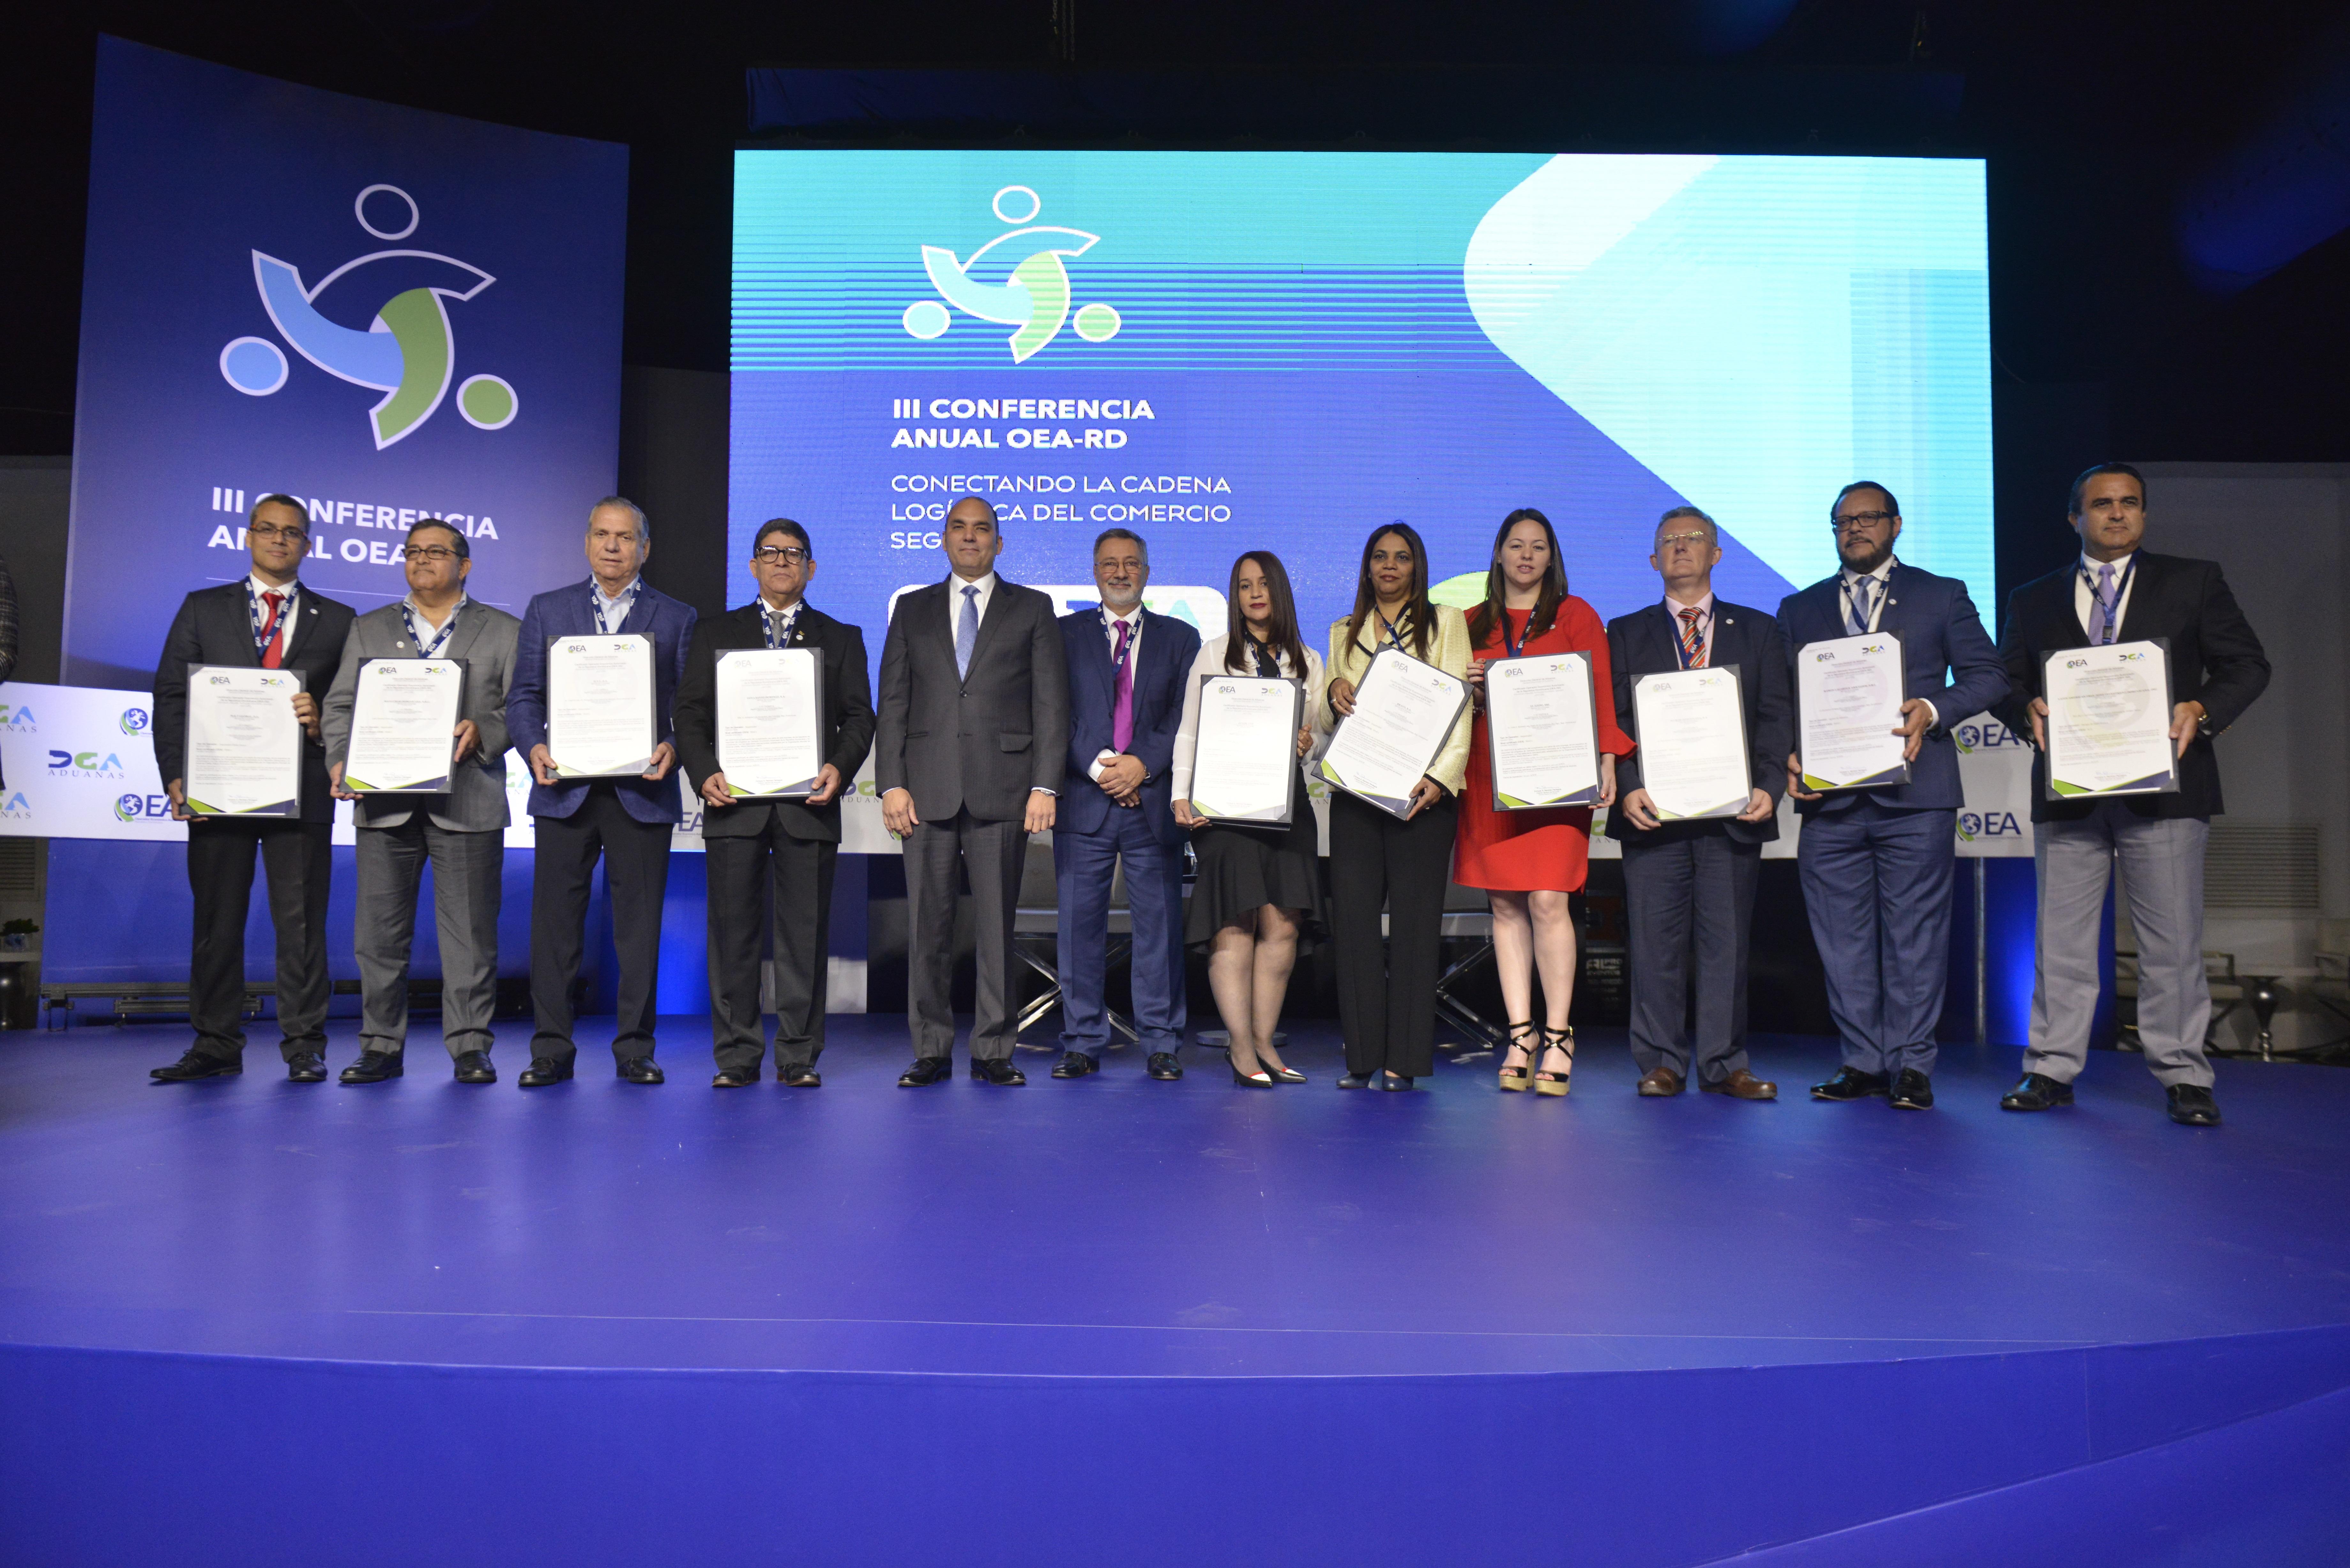 Representantes de las 9 empresas certificados por primera vez como OEA.